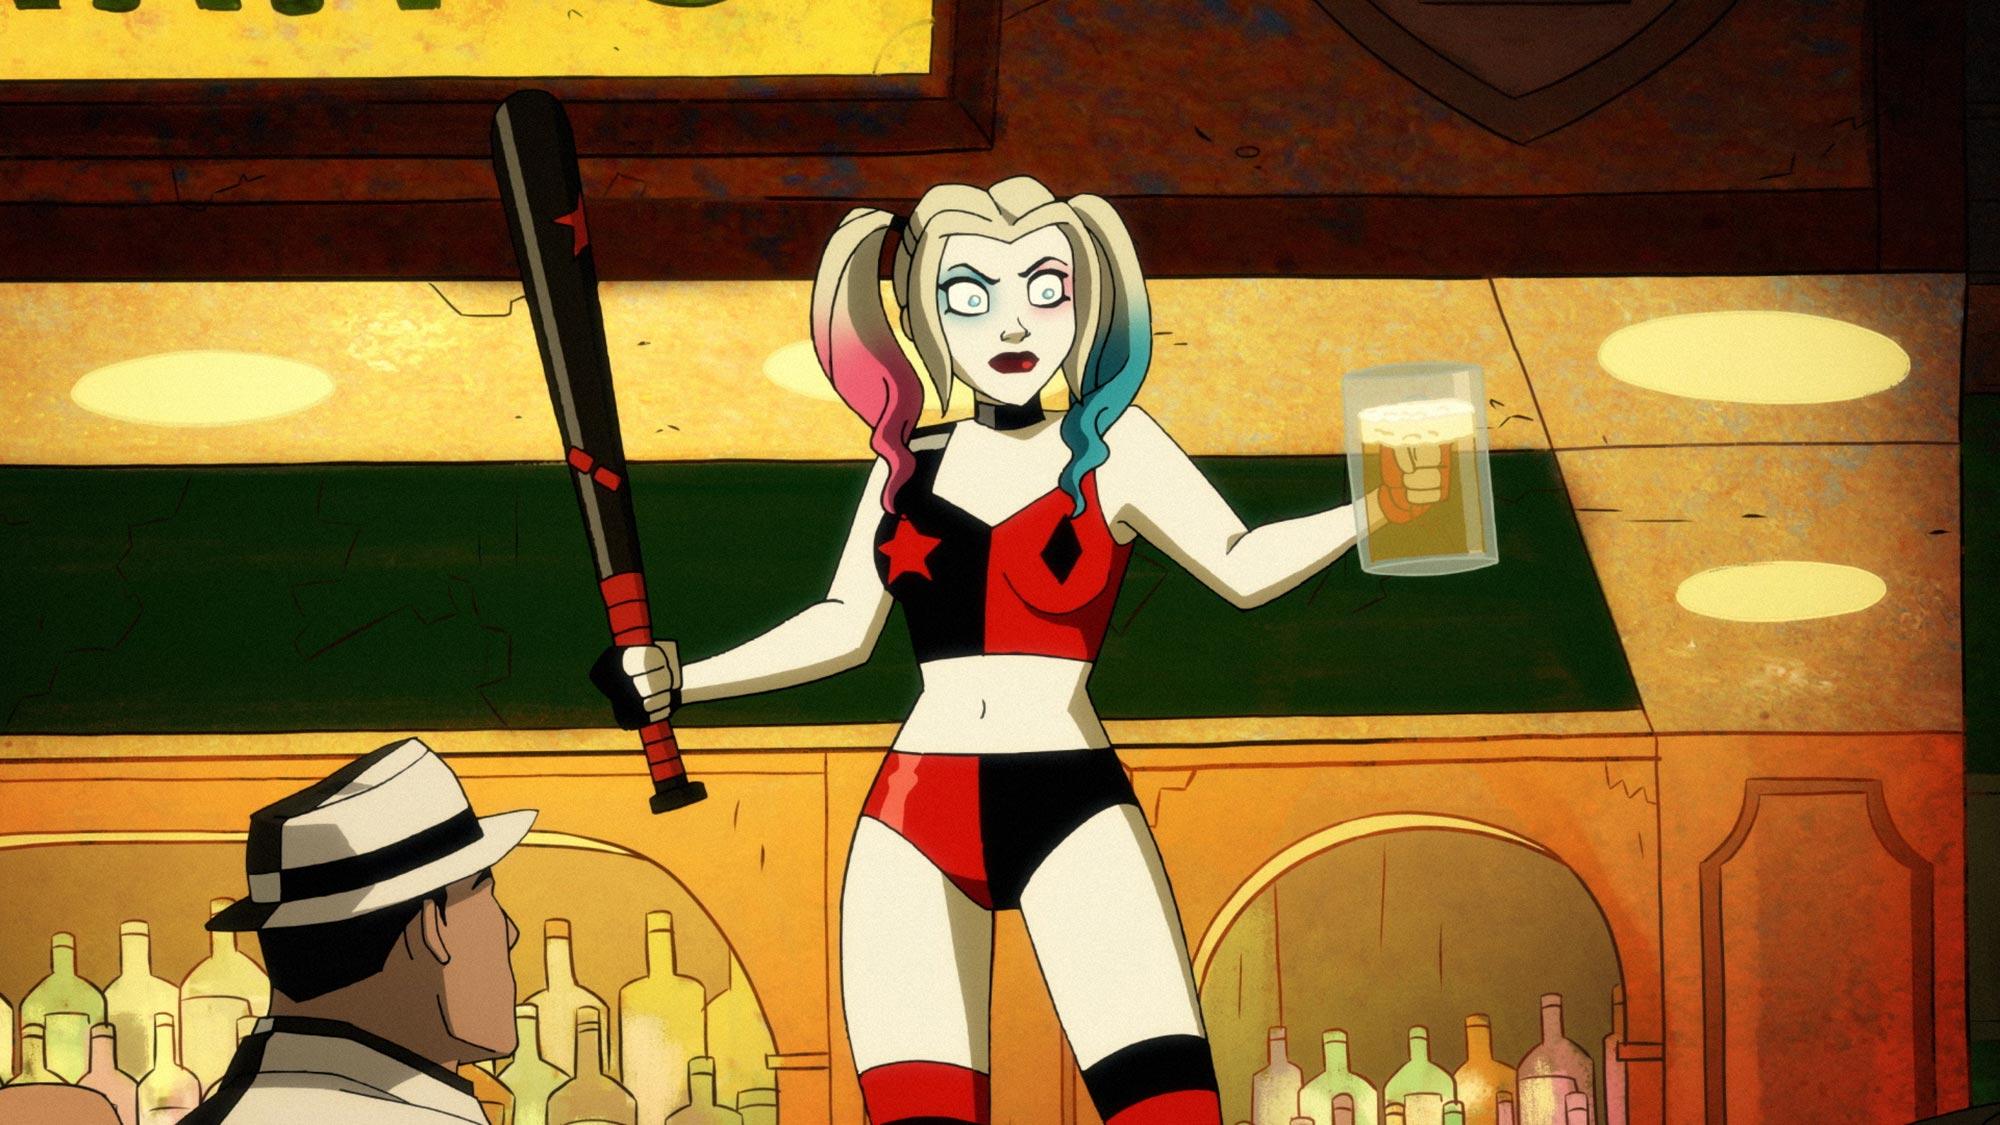 Harley Quinn - rozpoczęły się prace nad 3. sezonem serialu animowanego HBO Max